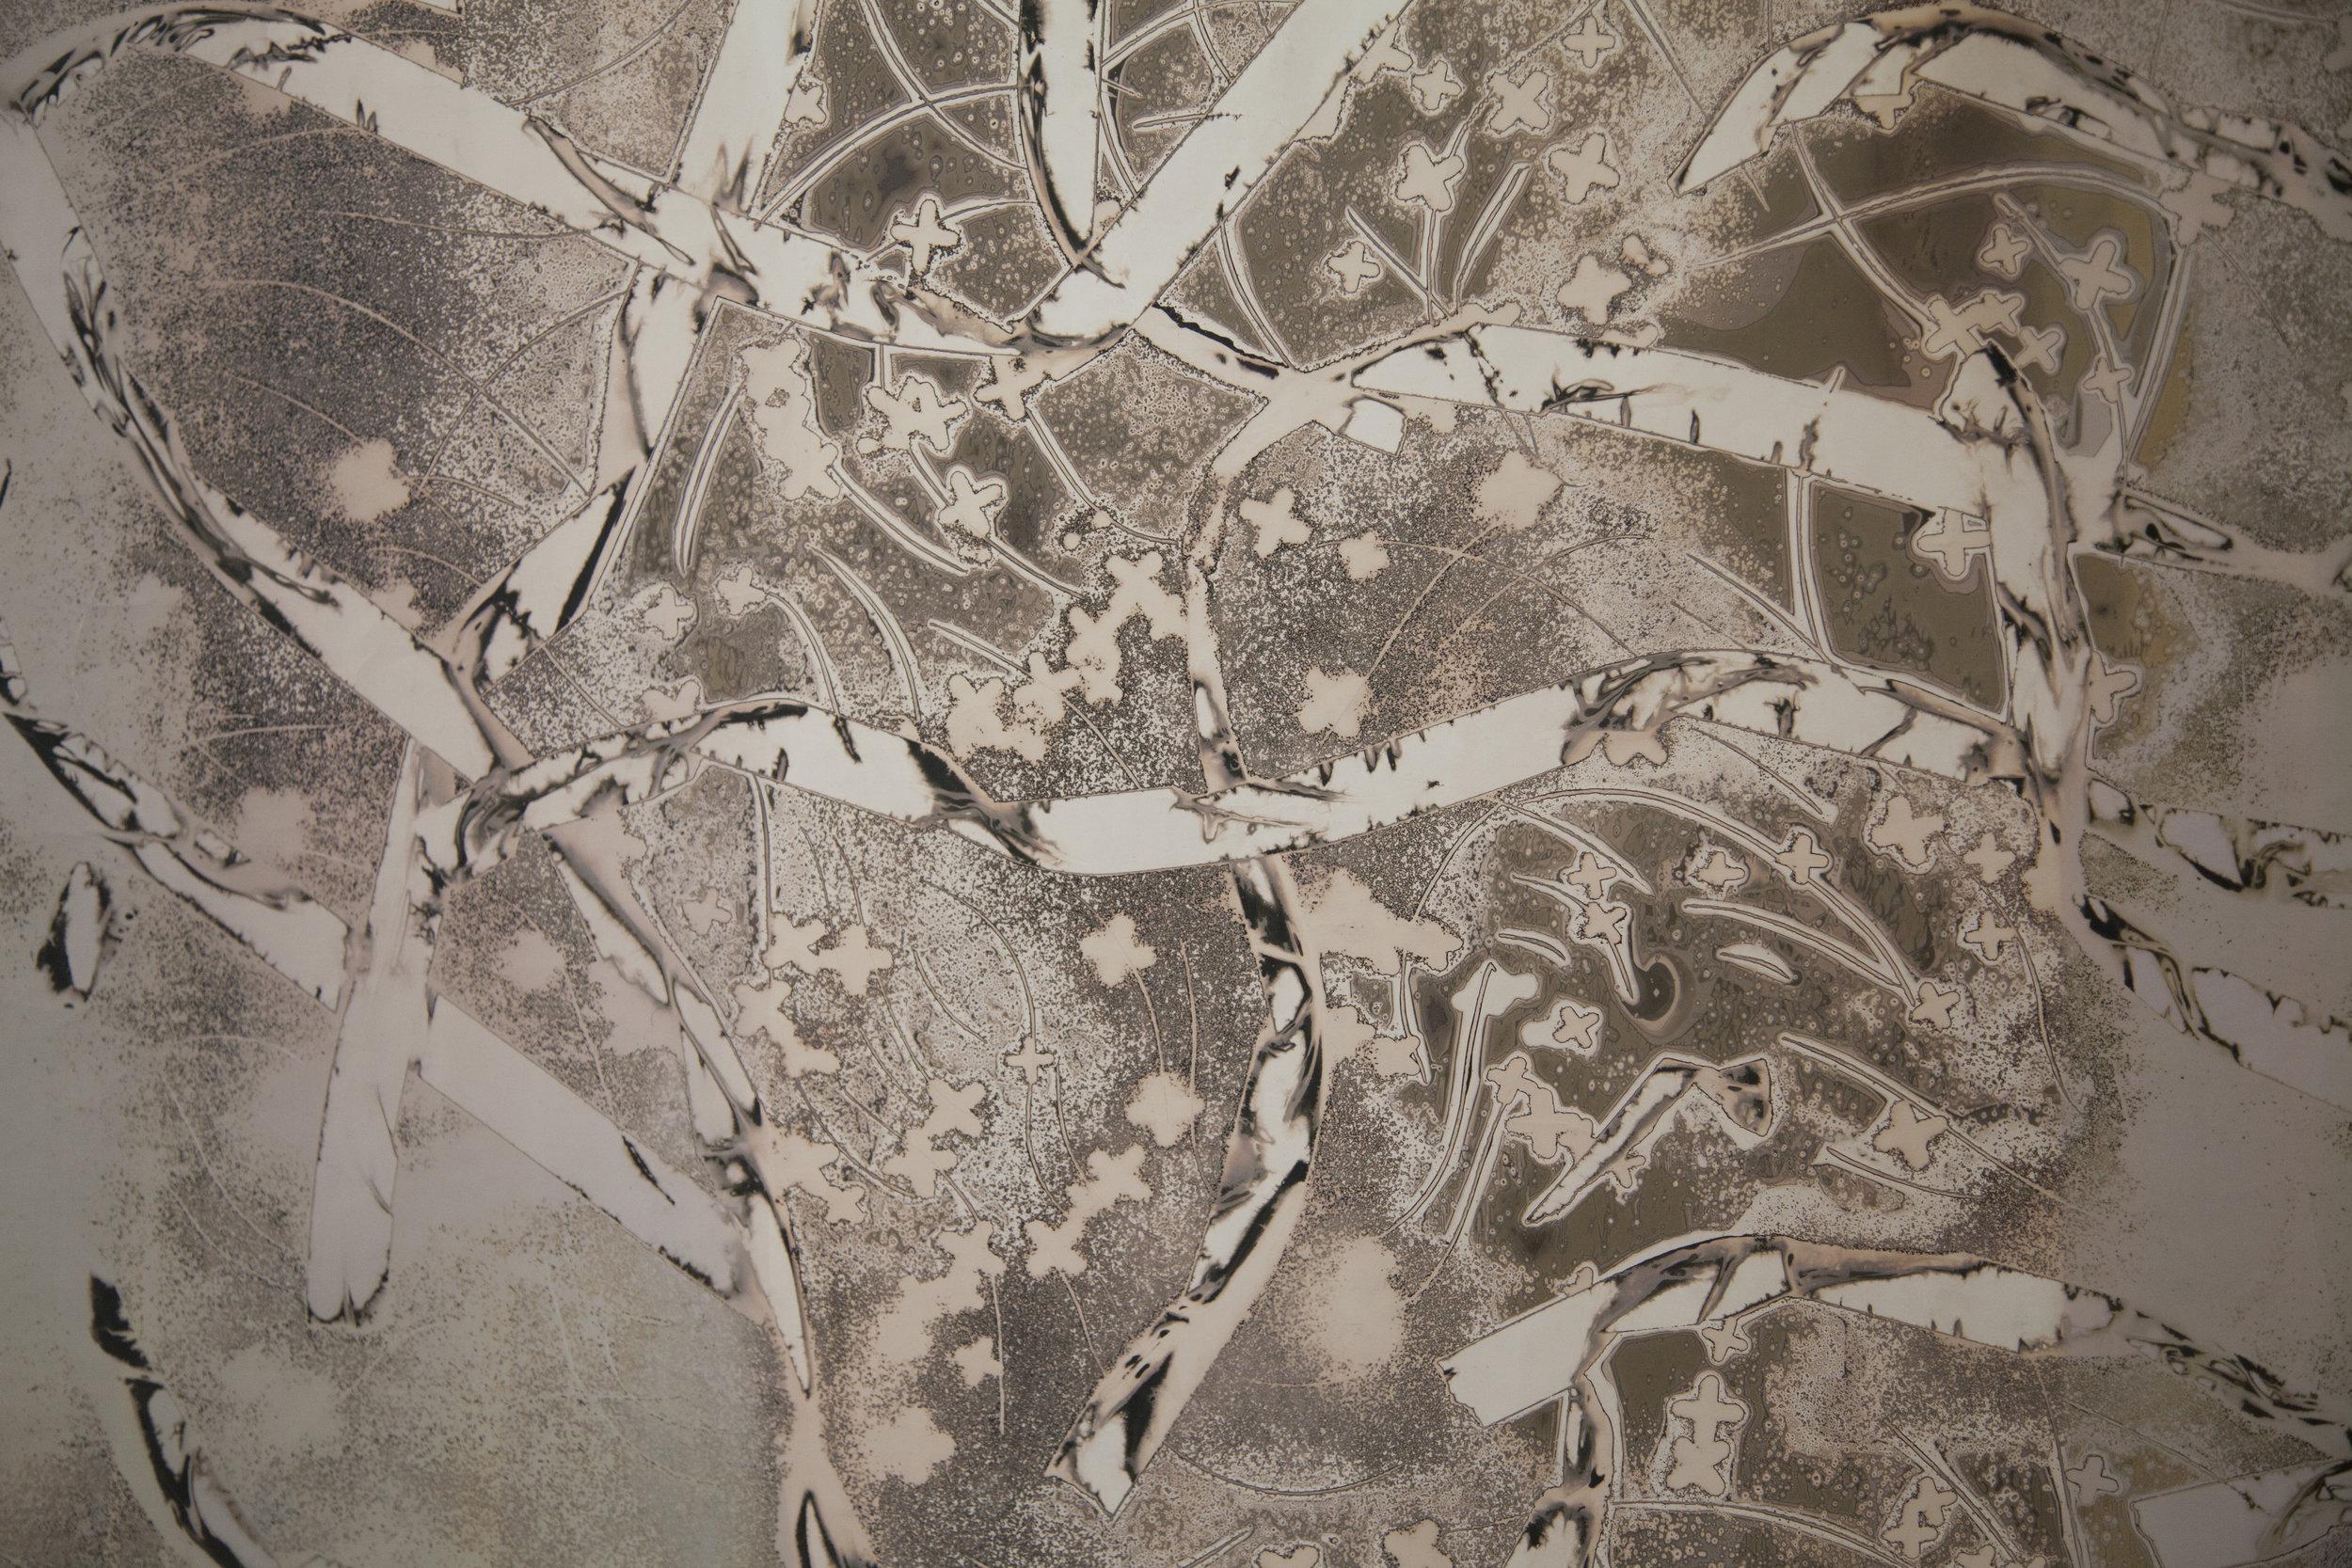 Antonia Kuo, detail